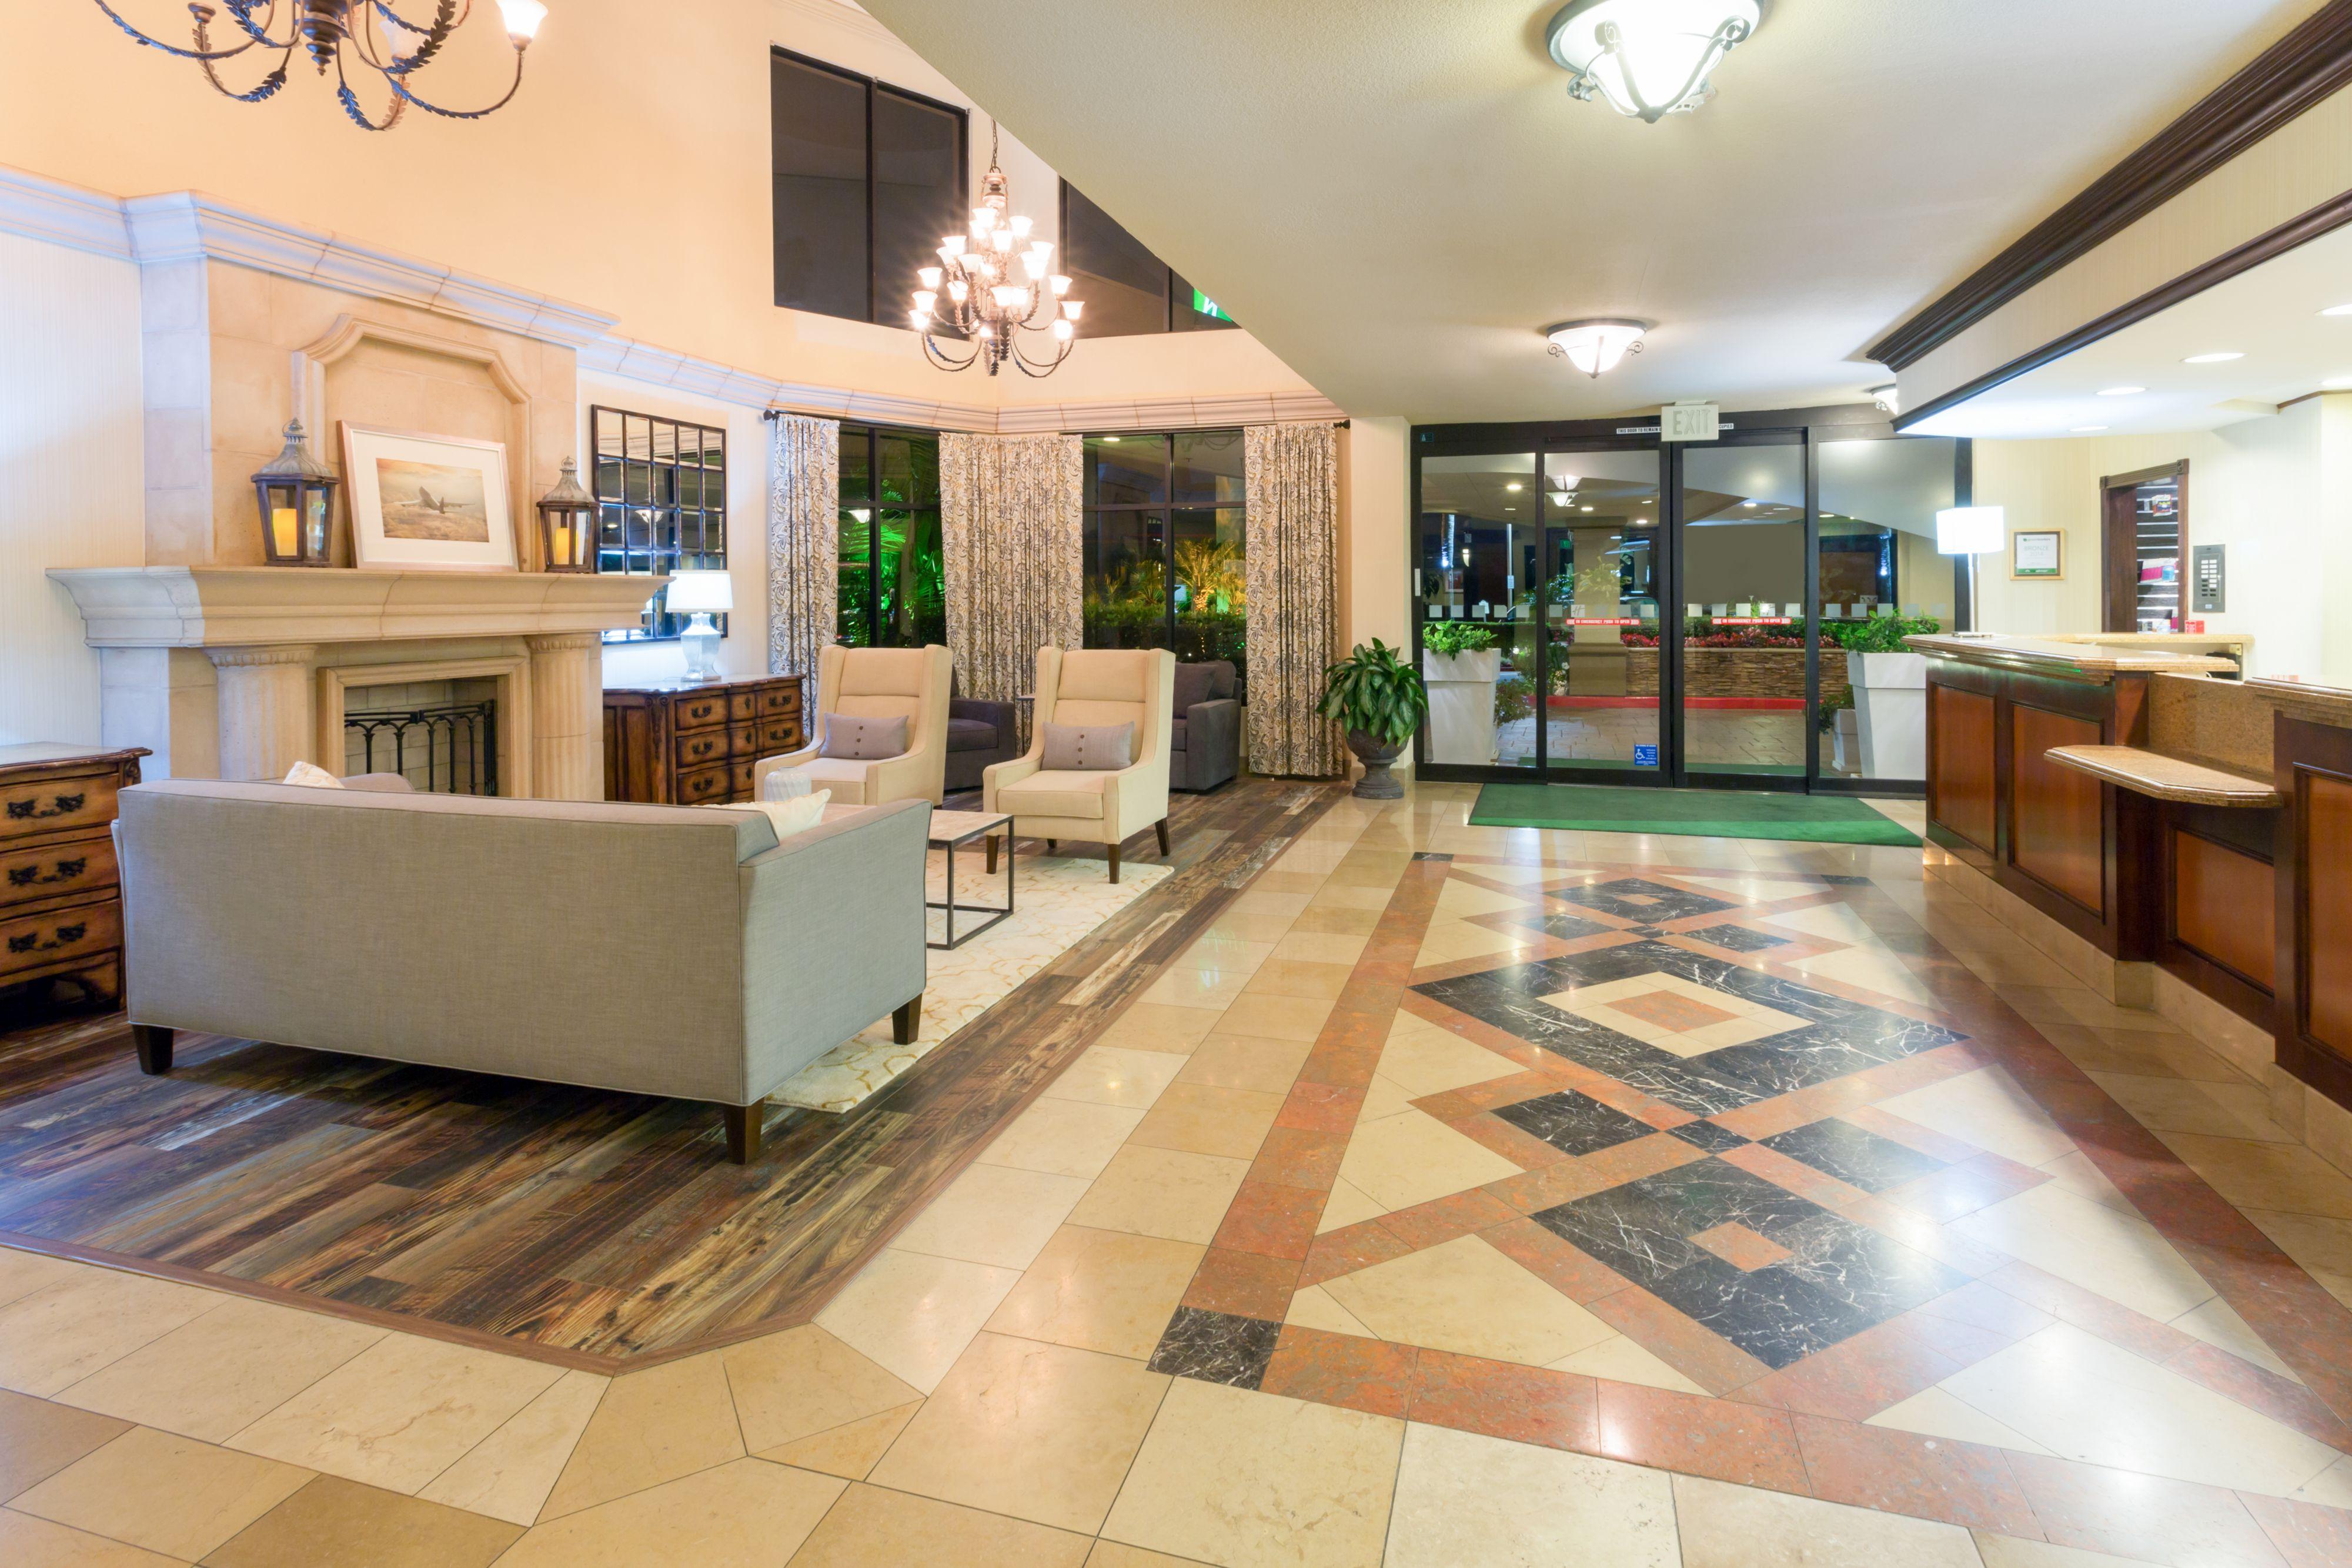 Holiday Inn Santa Ana-Orange Co. Arpt, Santa Ana ...